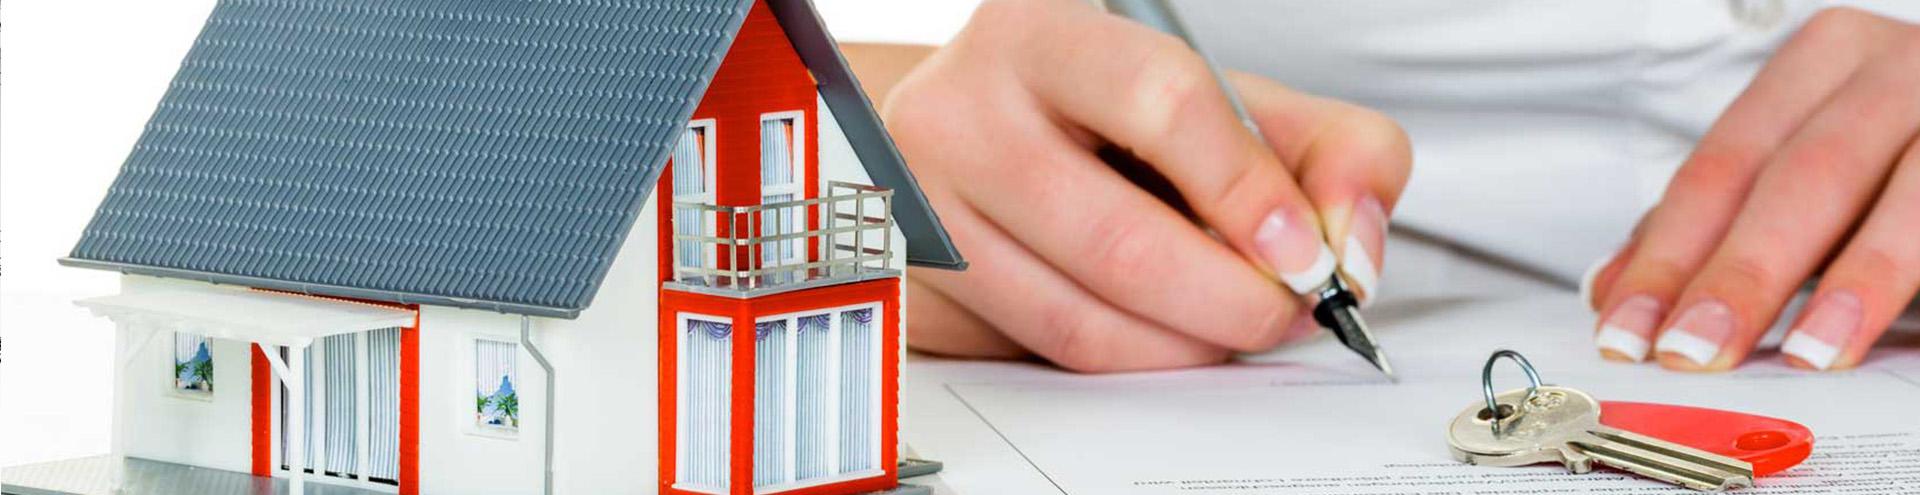 сделки с недвижимостью в Астрахани и Астраханской области